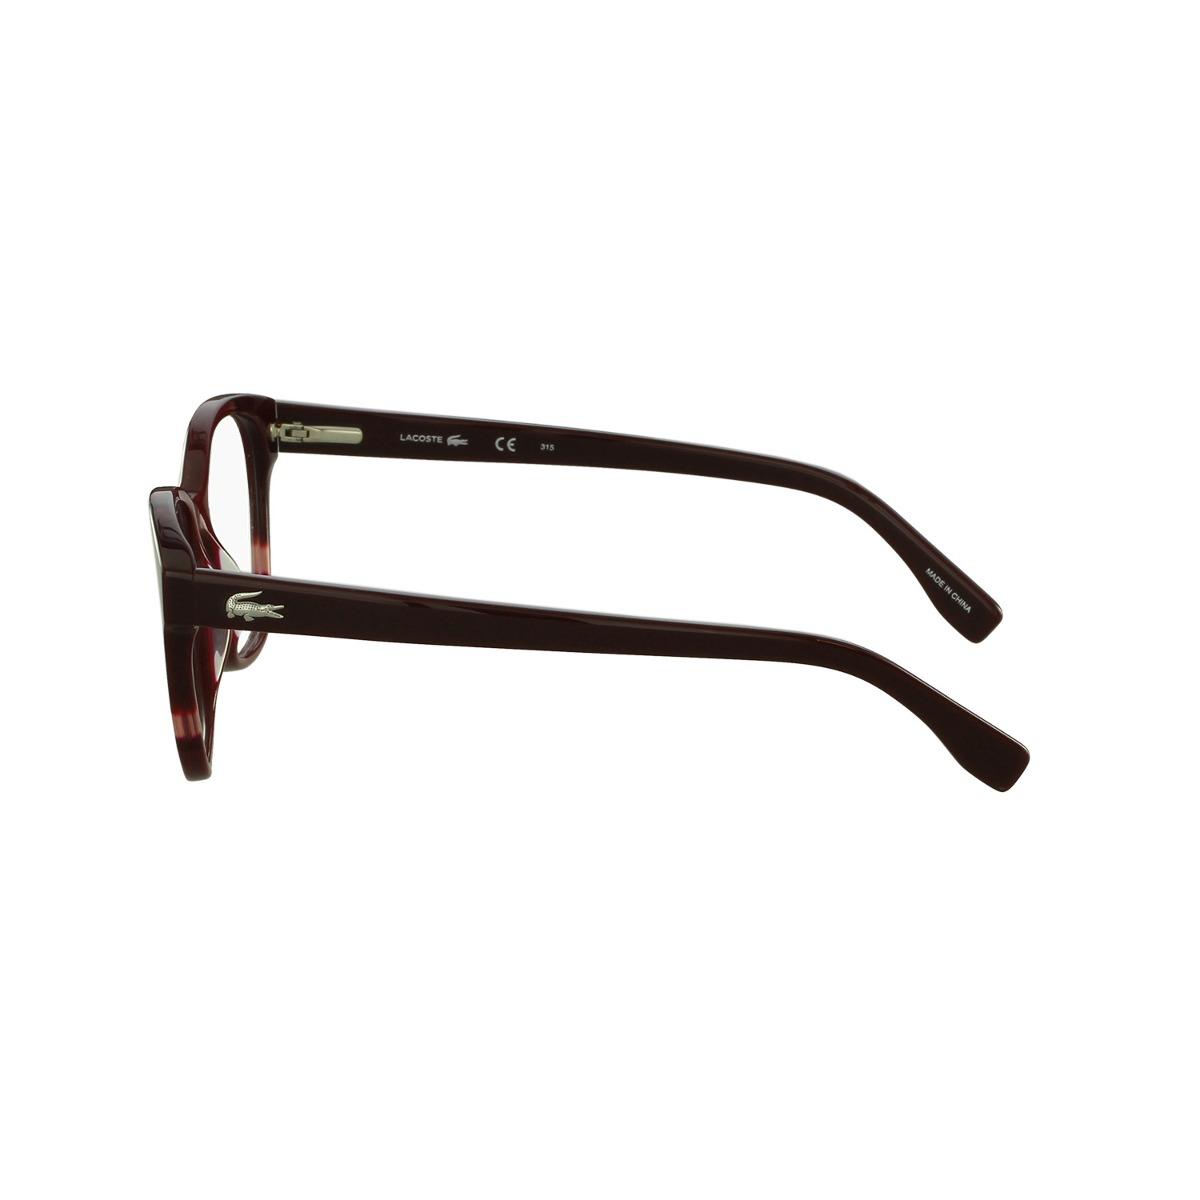 Óculos De Grau Lacoste Casual Vermelho - R  665,00 em Mercado Livre e20fd5426b